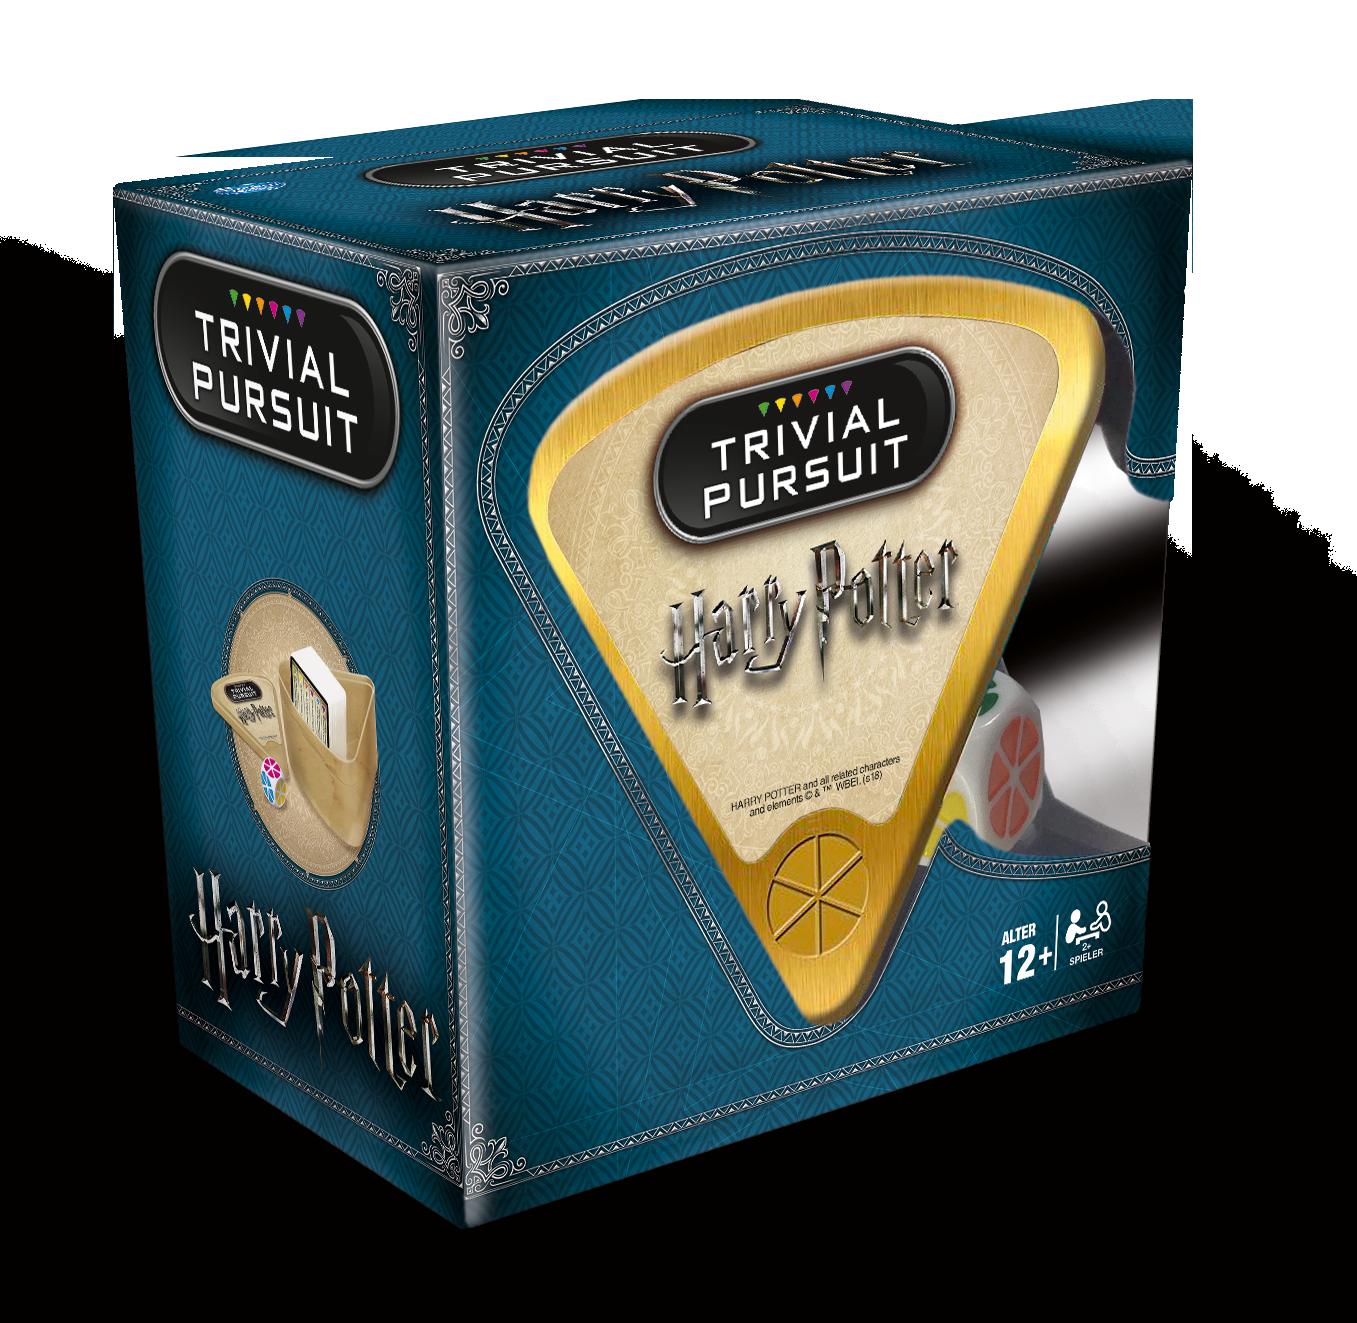 Harry Potter Trivial Pursuit + Wer ist es ? + Karten